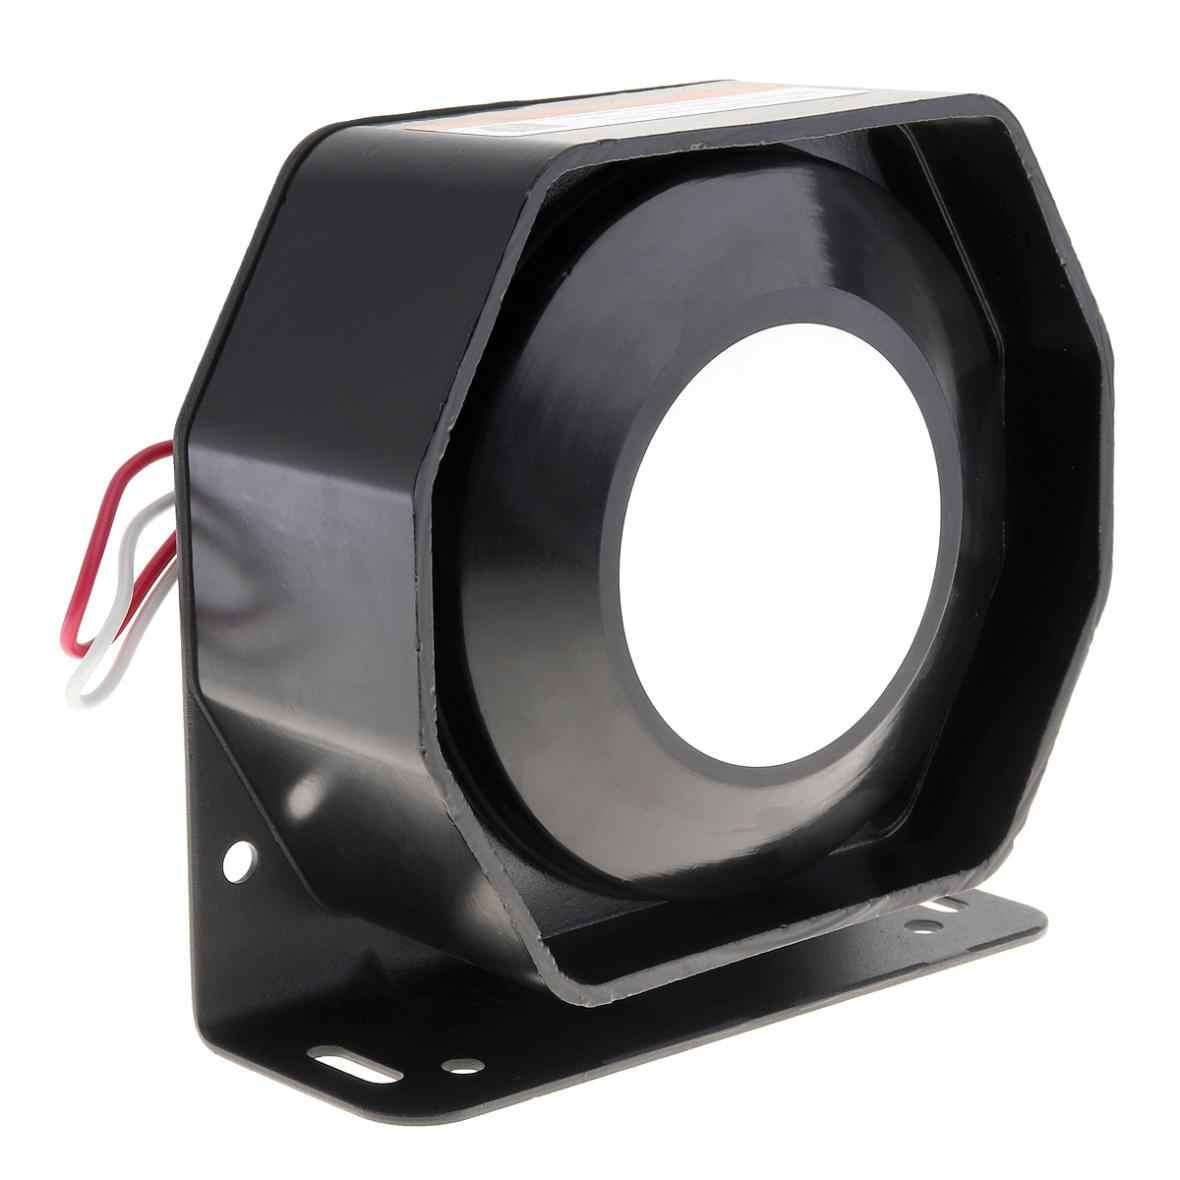 KX-600B Универсальный 12 В 200 Вт компактный громкий динамик PA система РОГ аварийная тревожная сирена